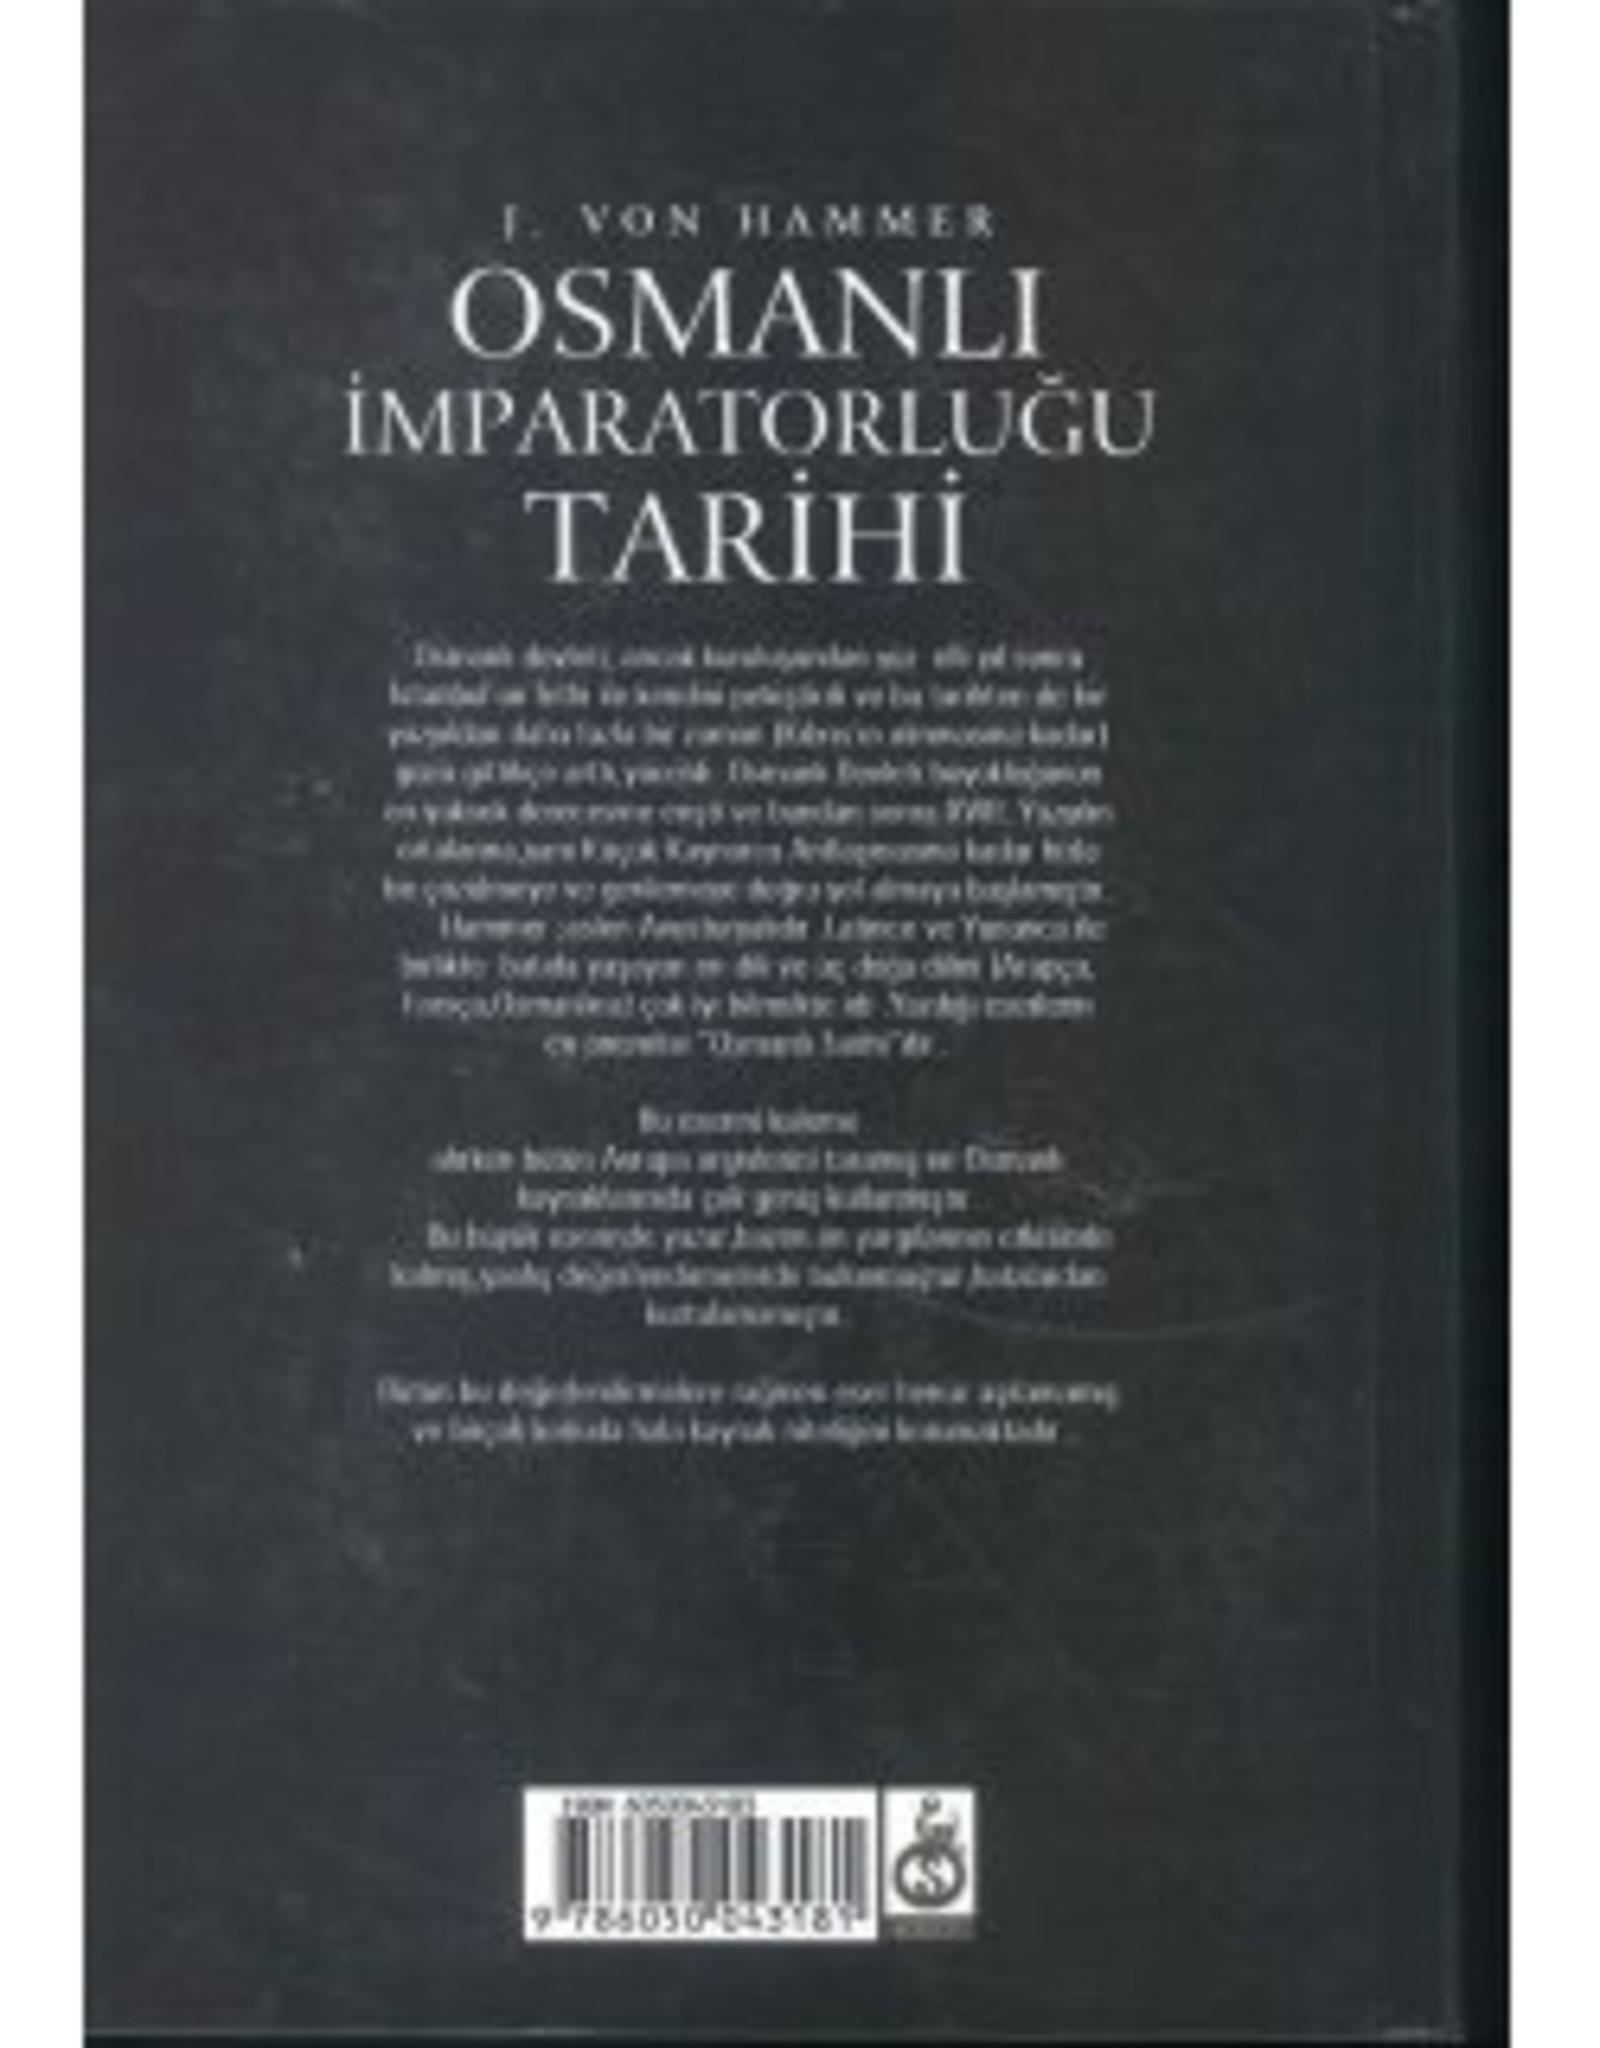 Osmanlı Imparatorluğu Tarihi